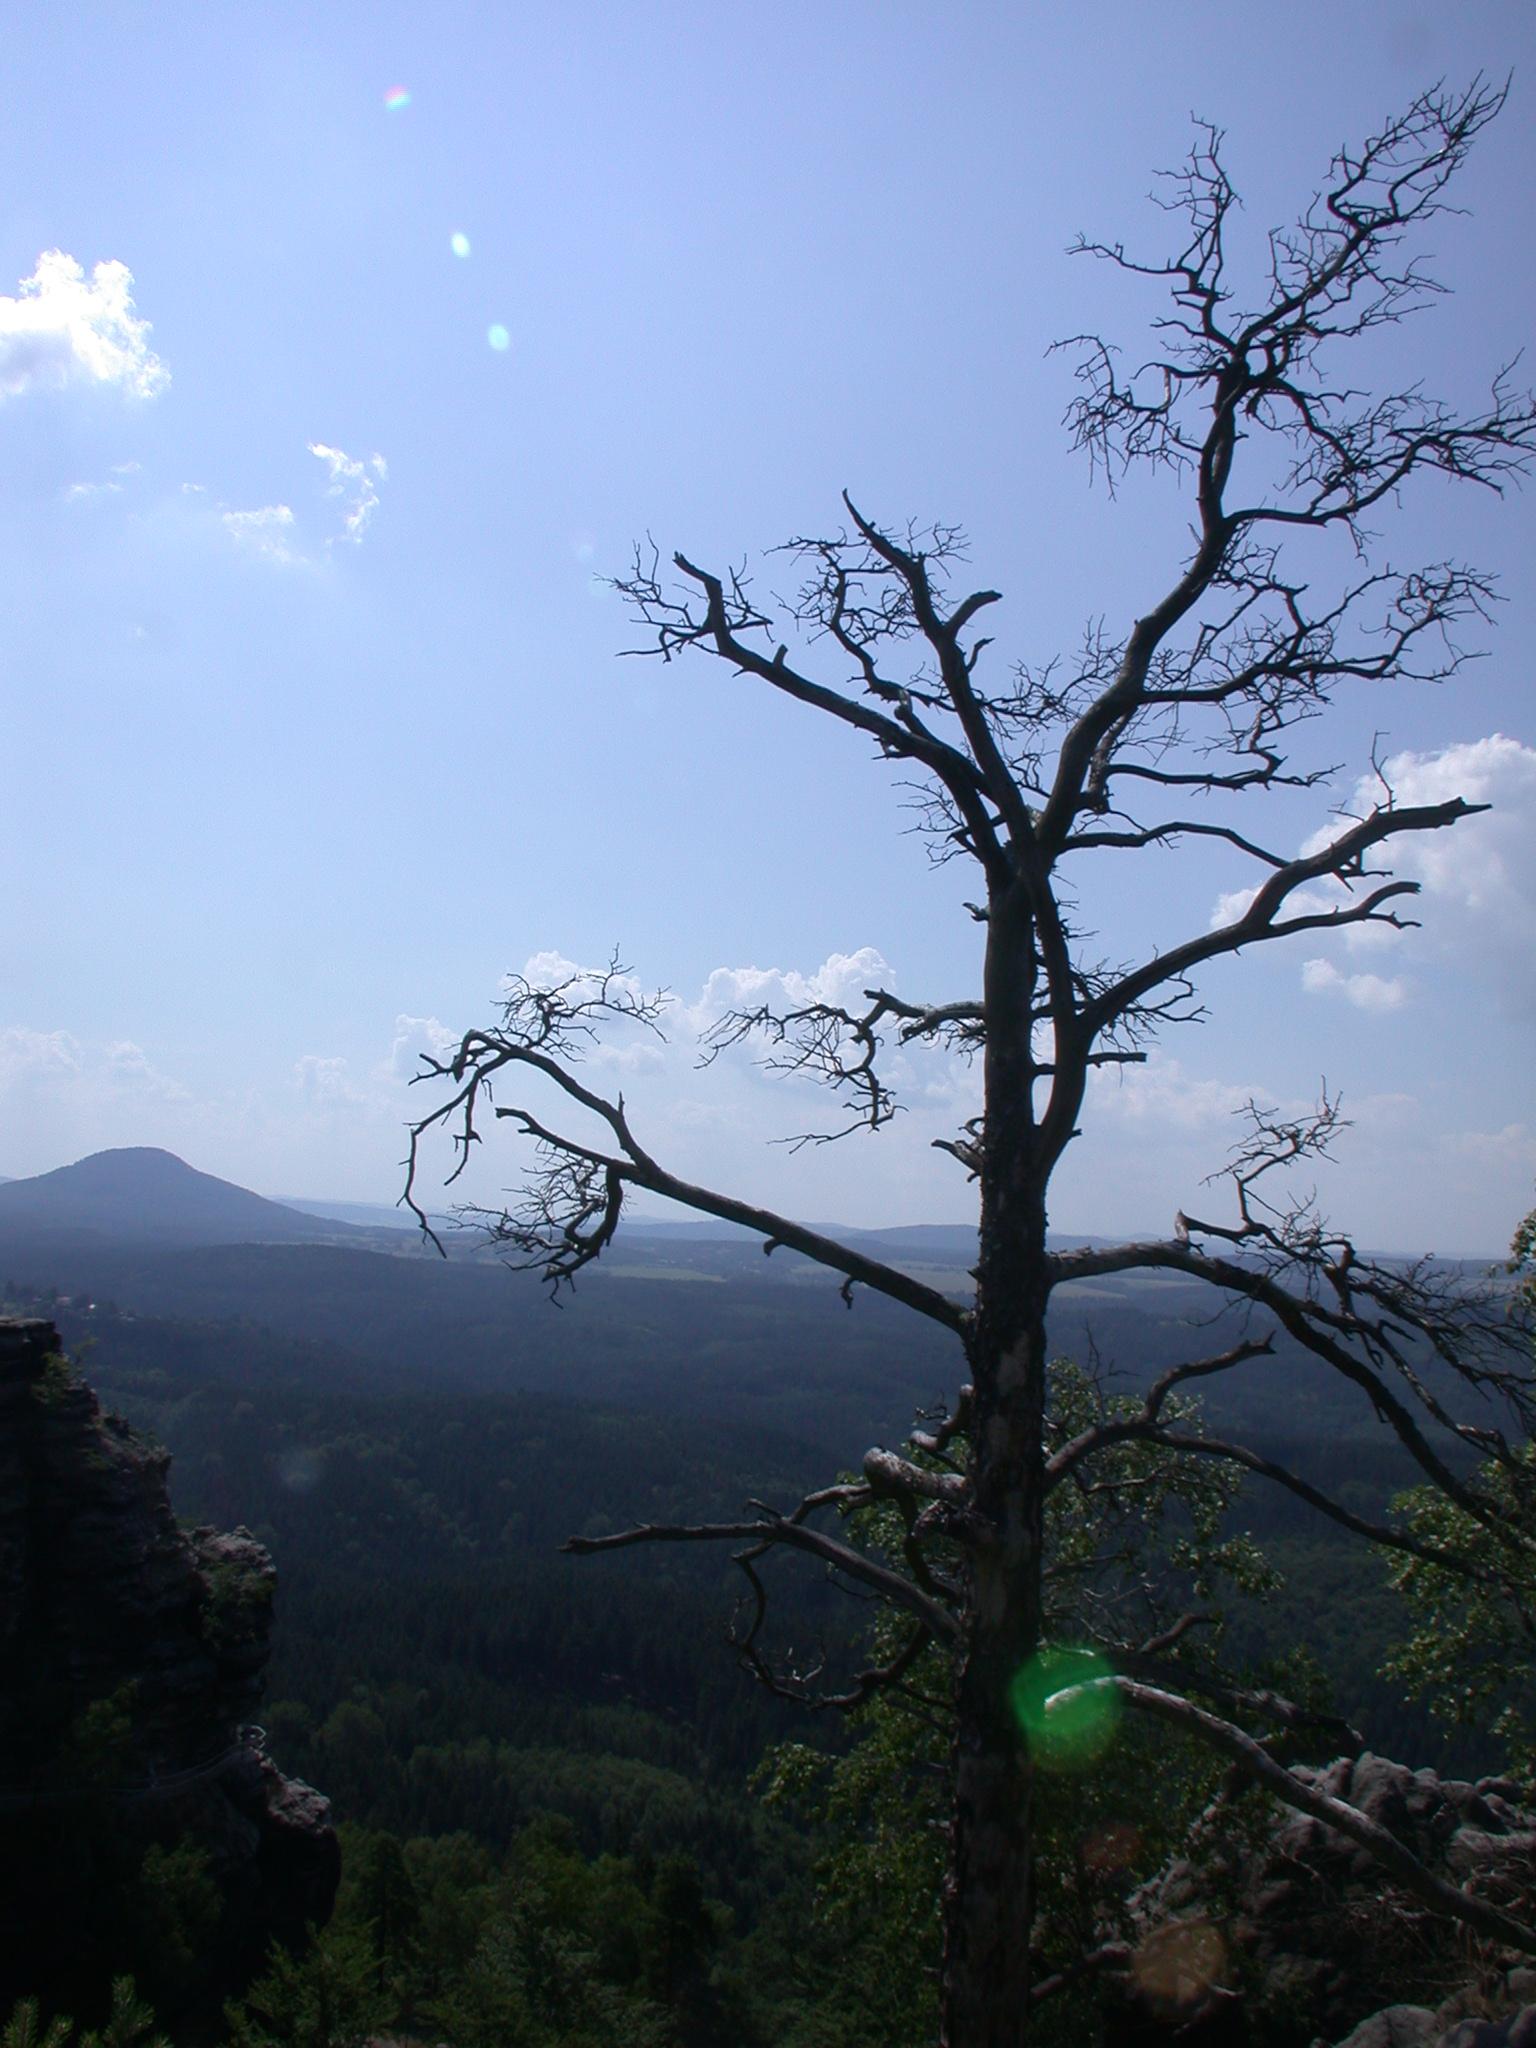 dead tree on cliff rocks mountain